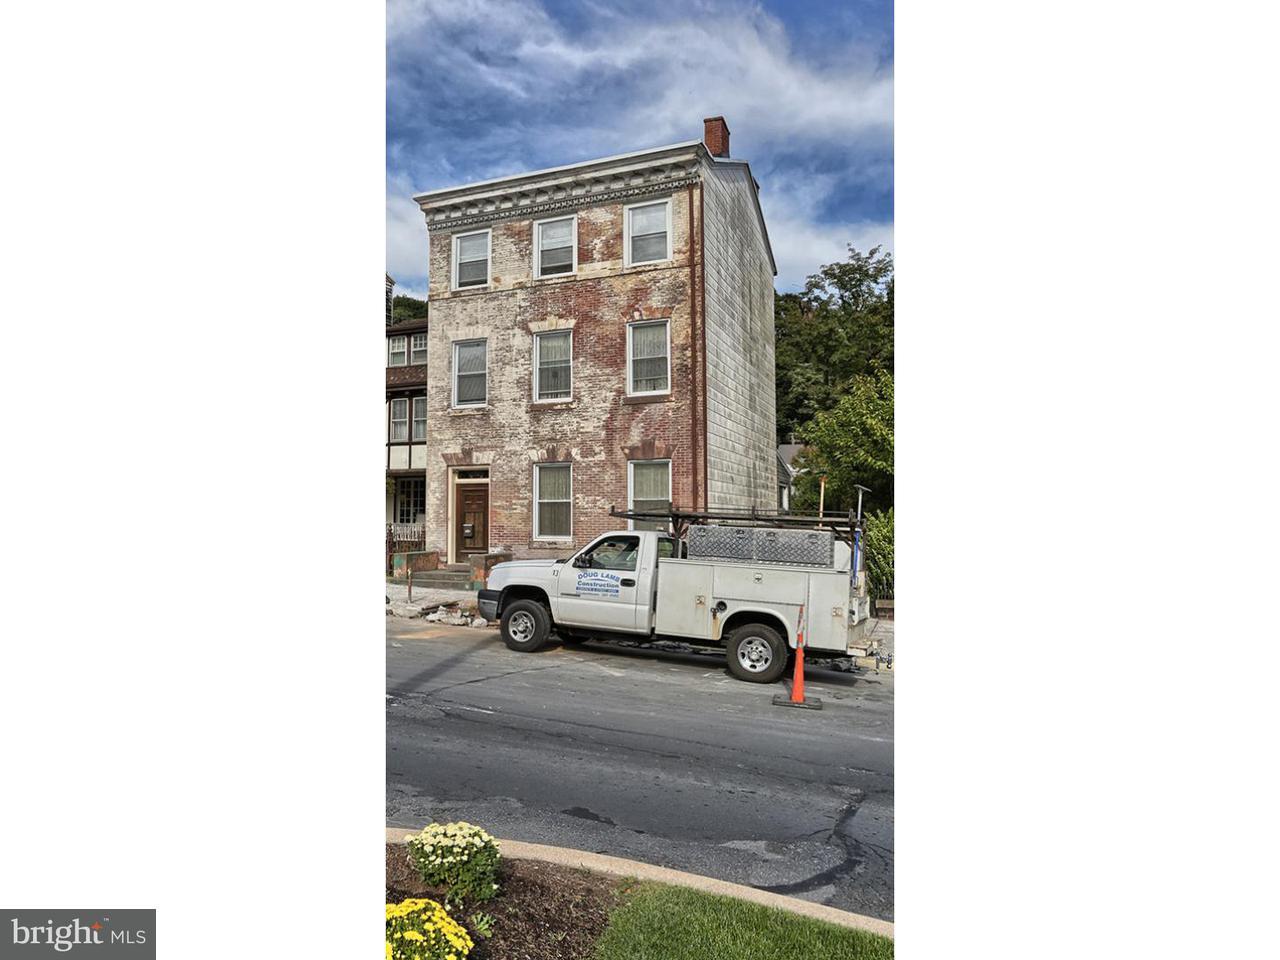 独户住宅 为 出租 在 508 W MARKET ST #REAR Pottsville, 宾夕法尼亚州 17901 美国